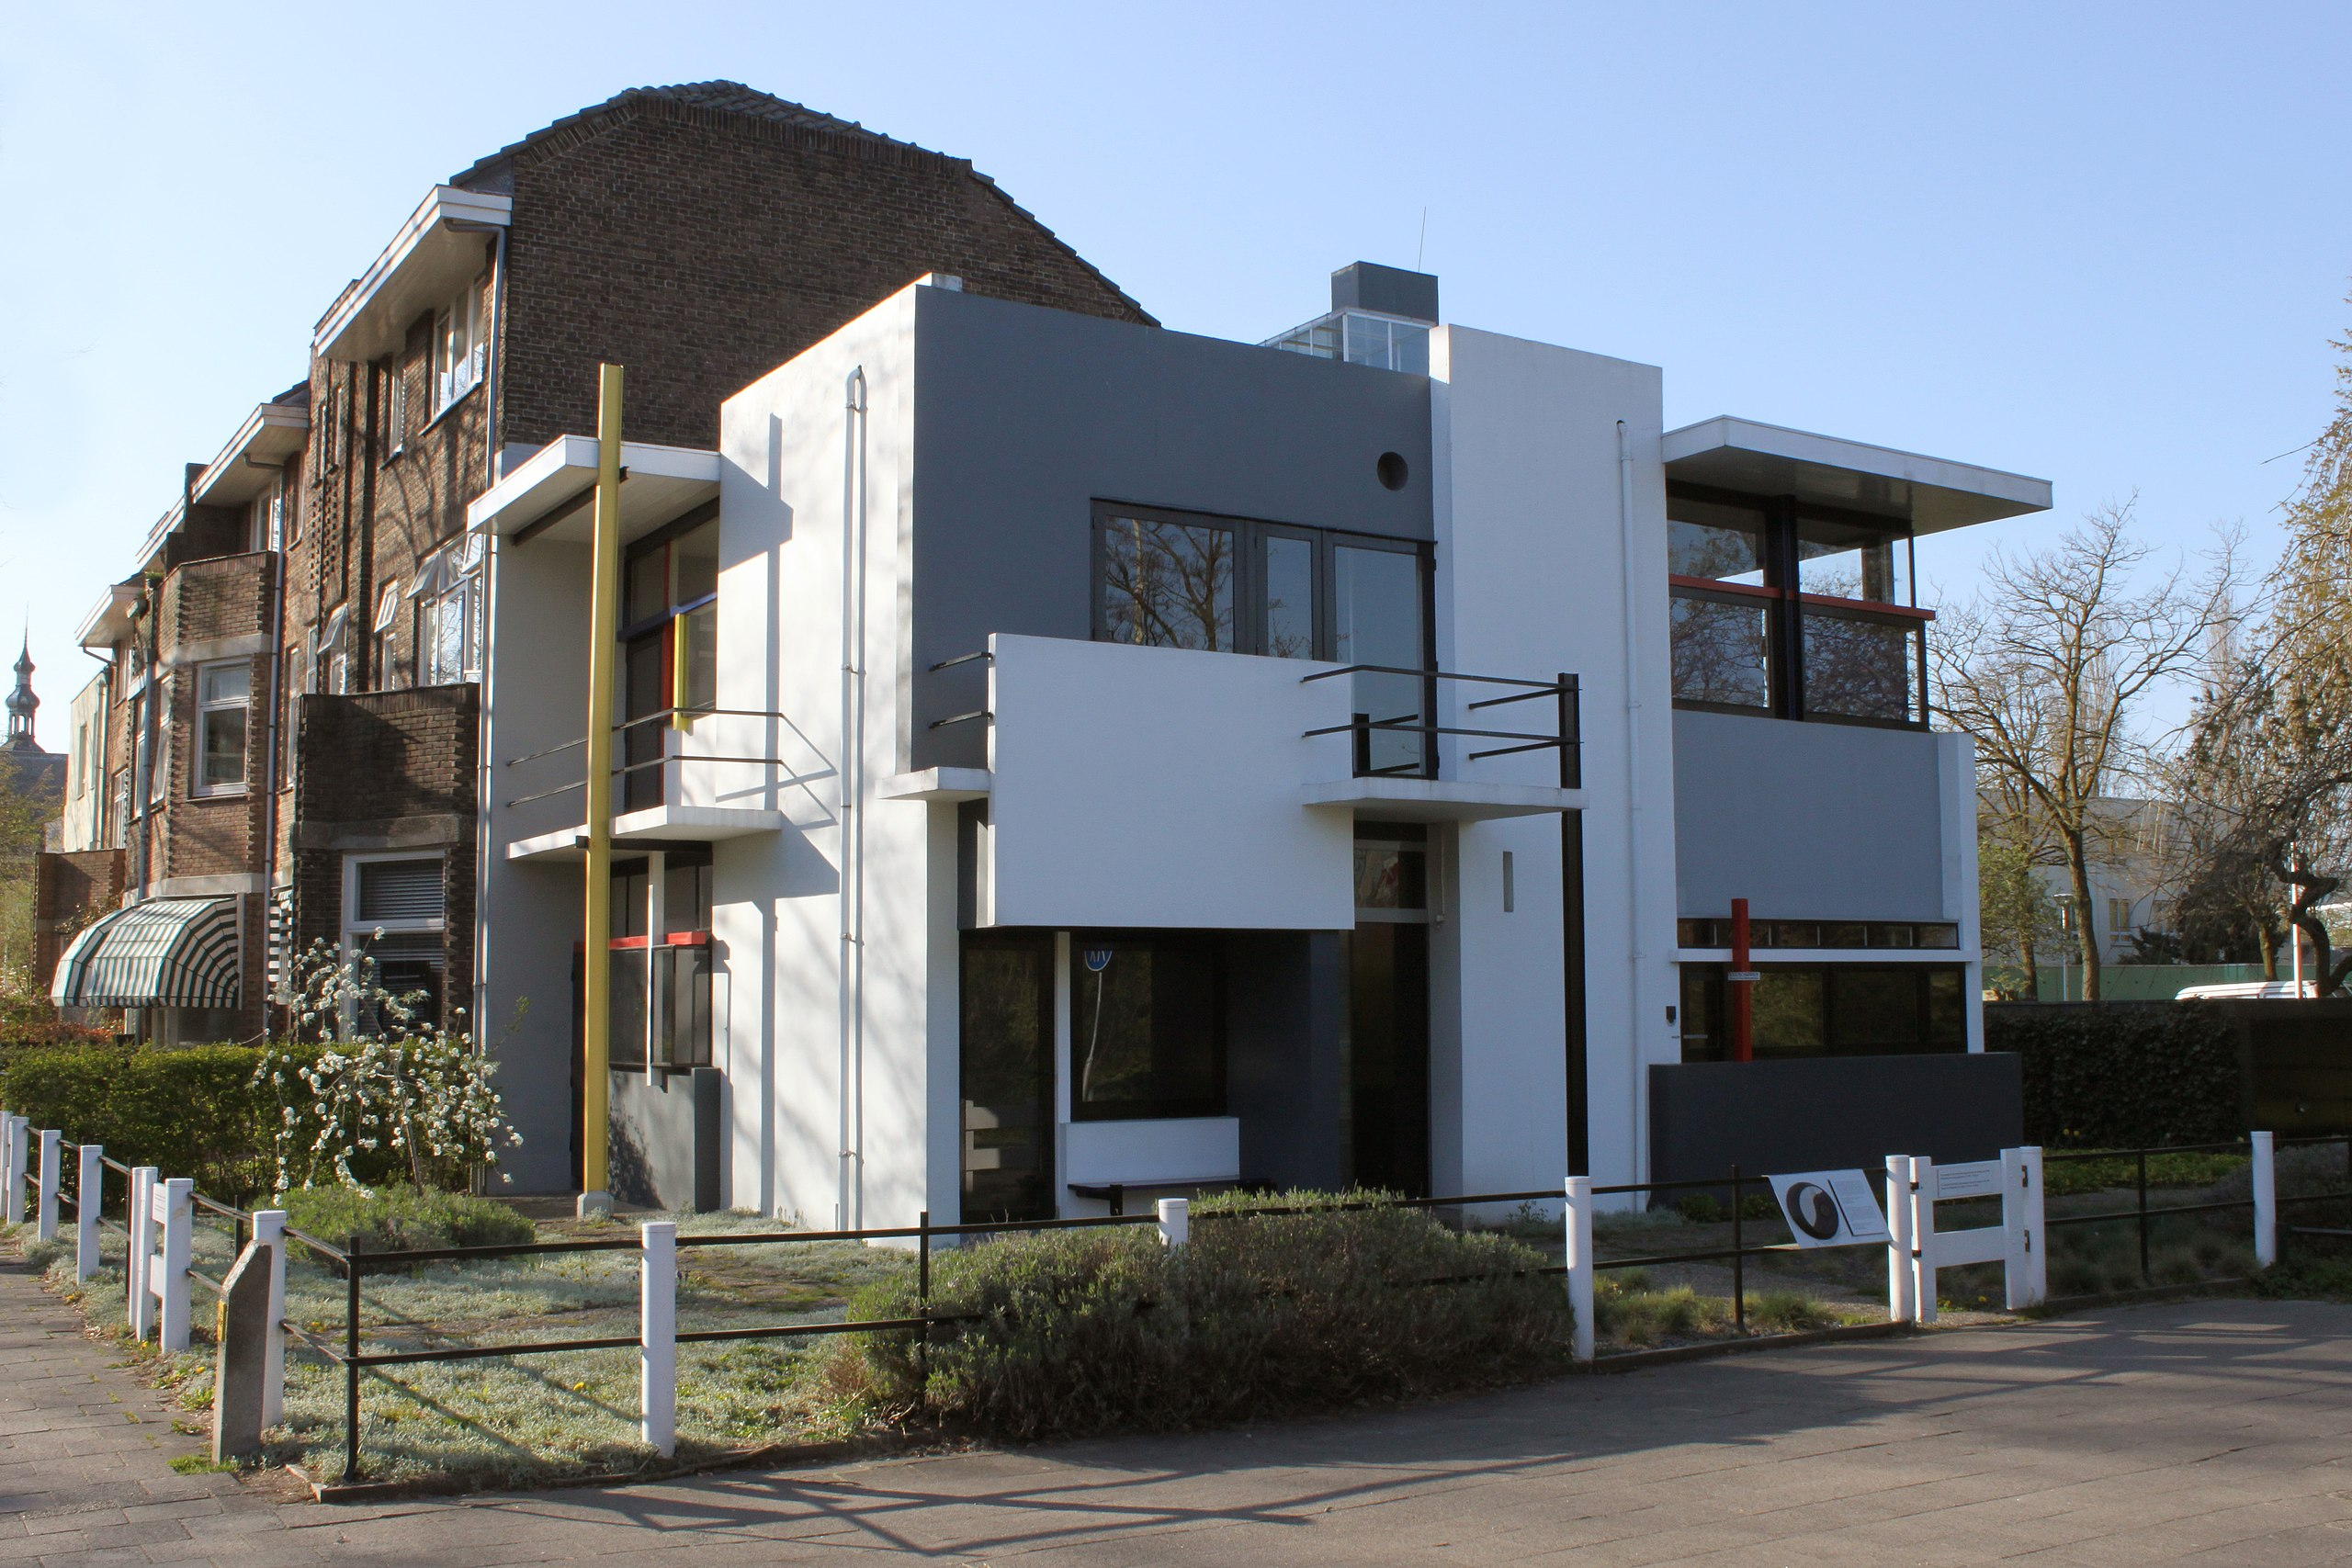 Rietveld Schröderhuis HayKranen-20.JPG